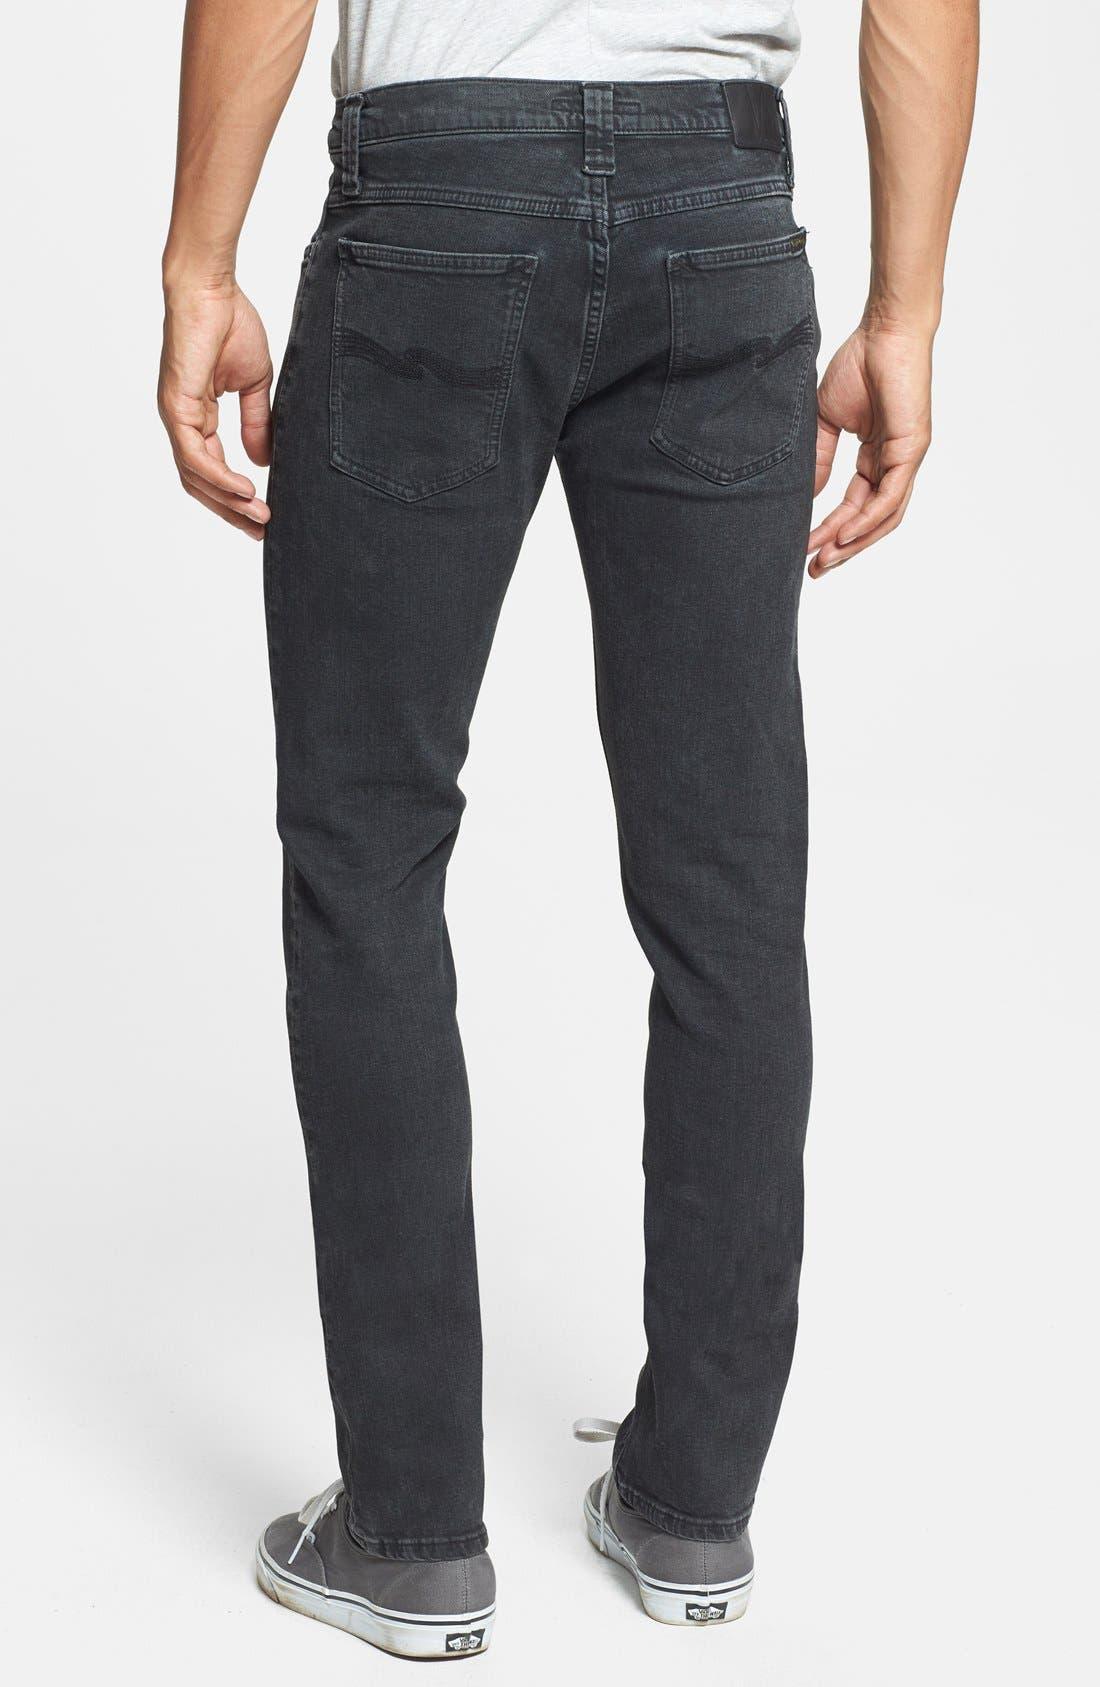 Alternate Image 2  - Nudie Jeans 'Tube Tom' Skinny Fit Jeans (Organic Painted Black)